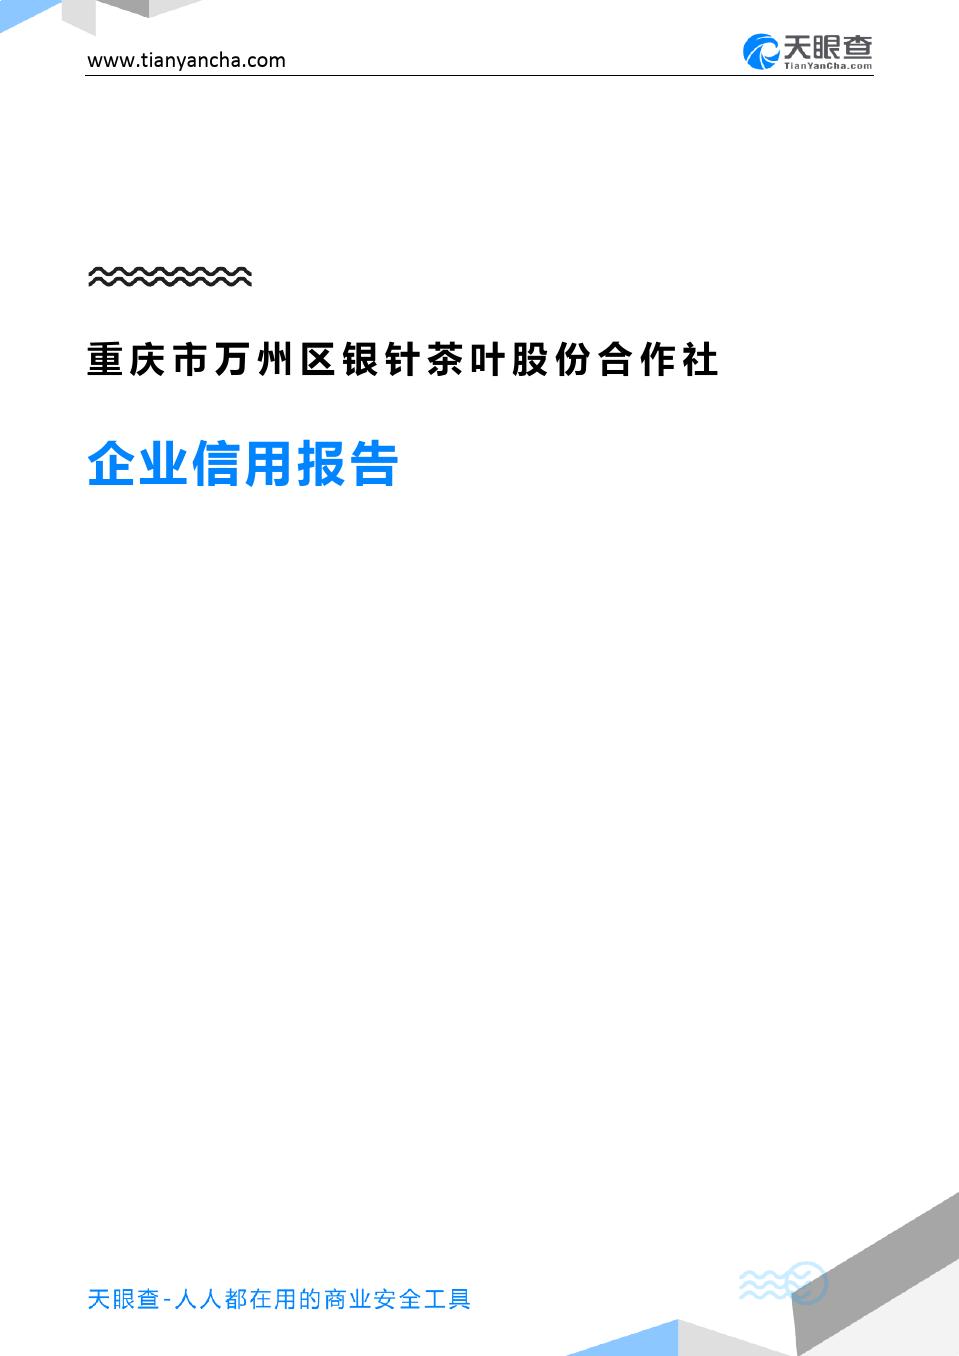 重庆市万州区银针茶叶股份合作社企业信用报告-天眼查